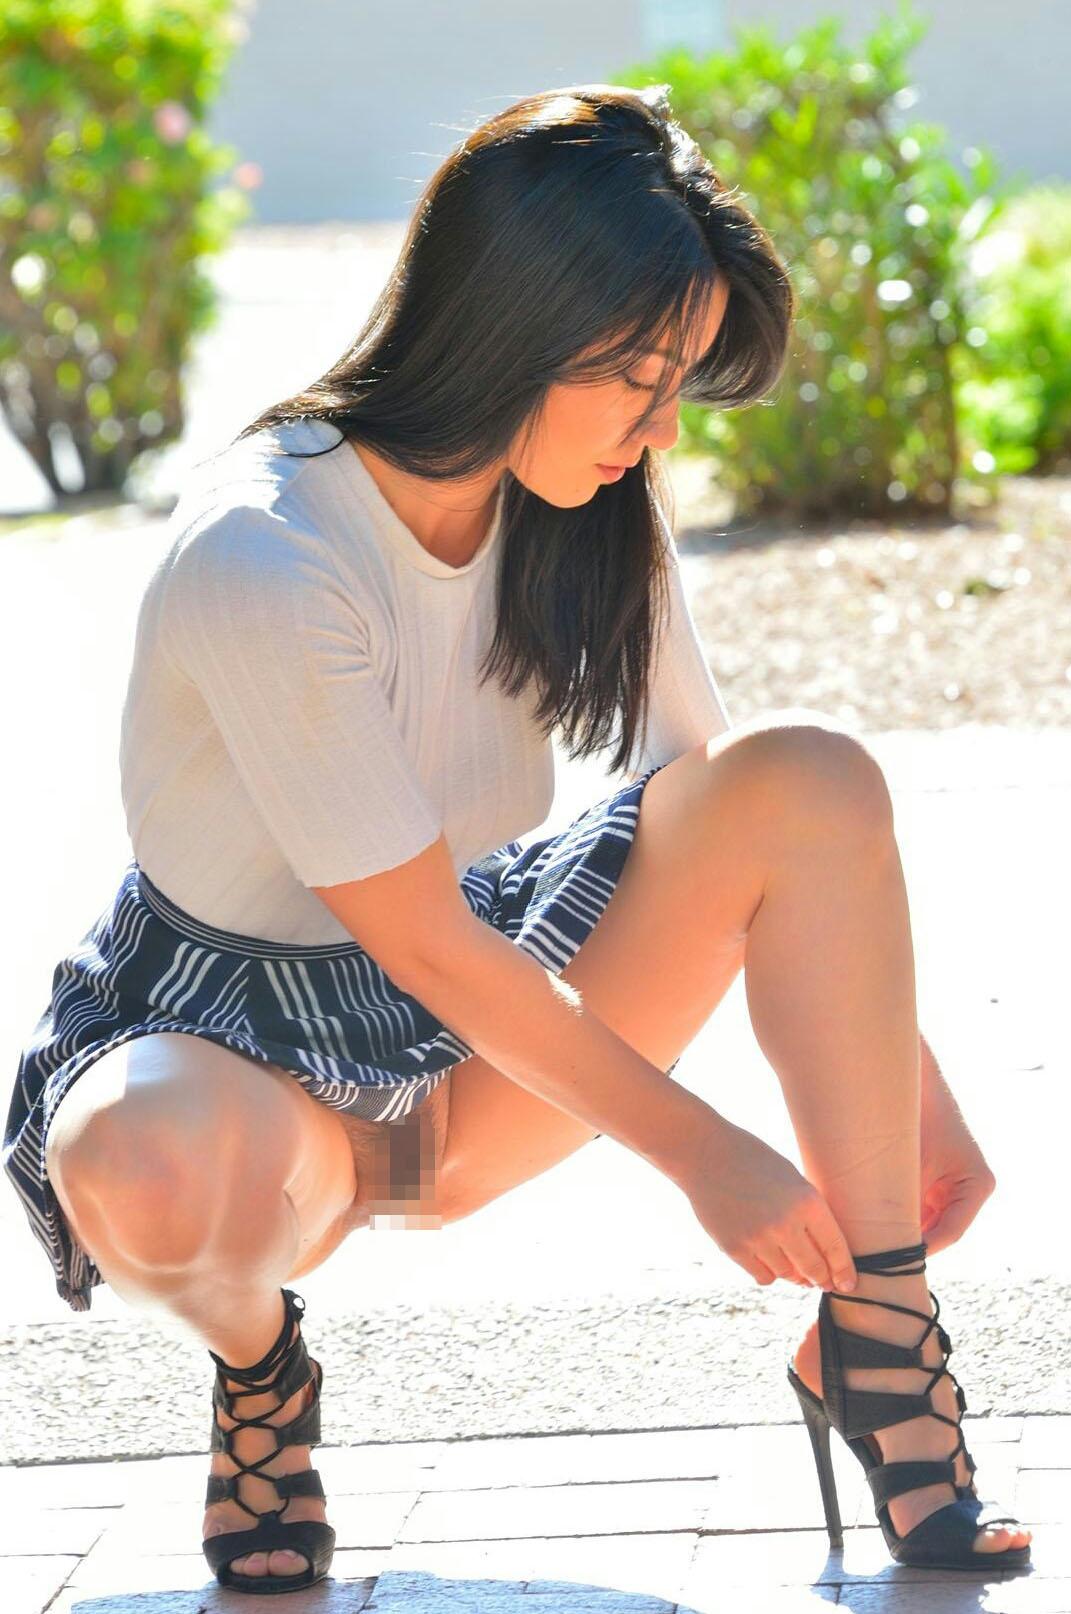 【ノーパンエロ画像】履いてもないし隠す気も皆無…陽気なノーパン海外美女!(;´∀`)